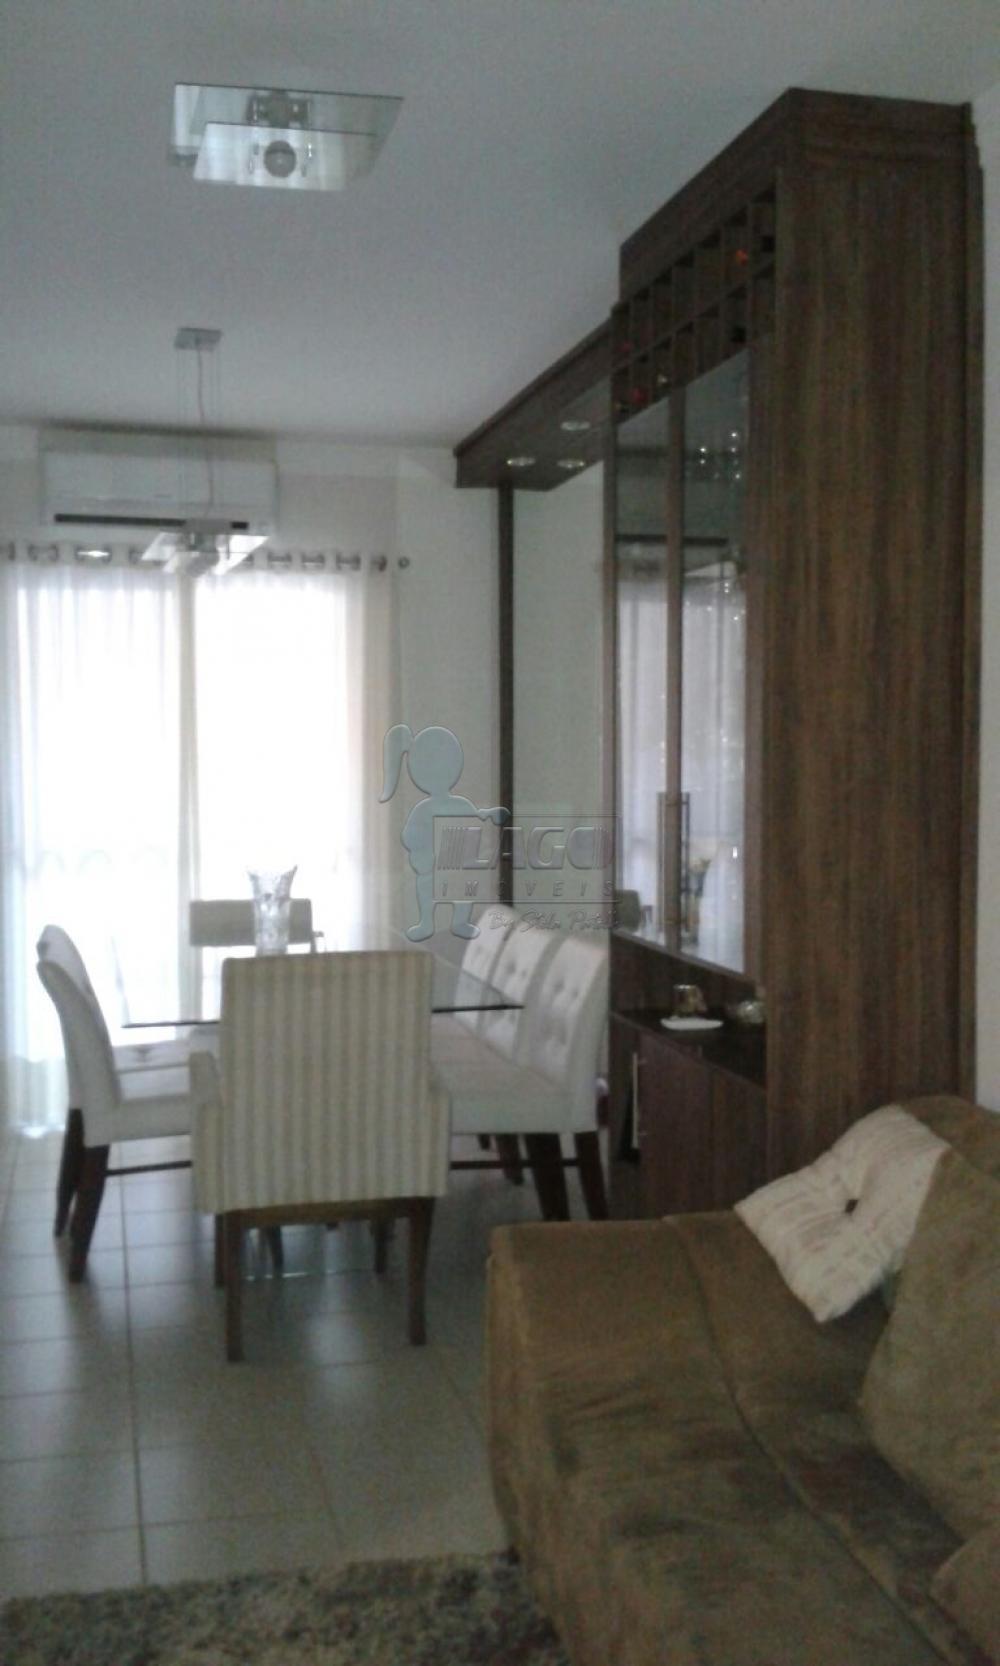 Comprar Casas / Condomínio em Ribeirão Preto apenas R$ 480.000,00 - Foto 2